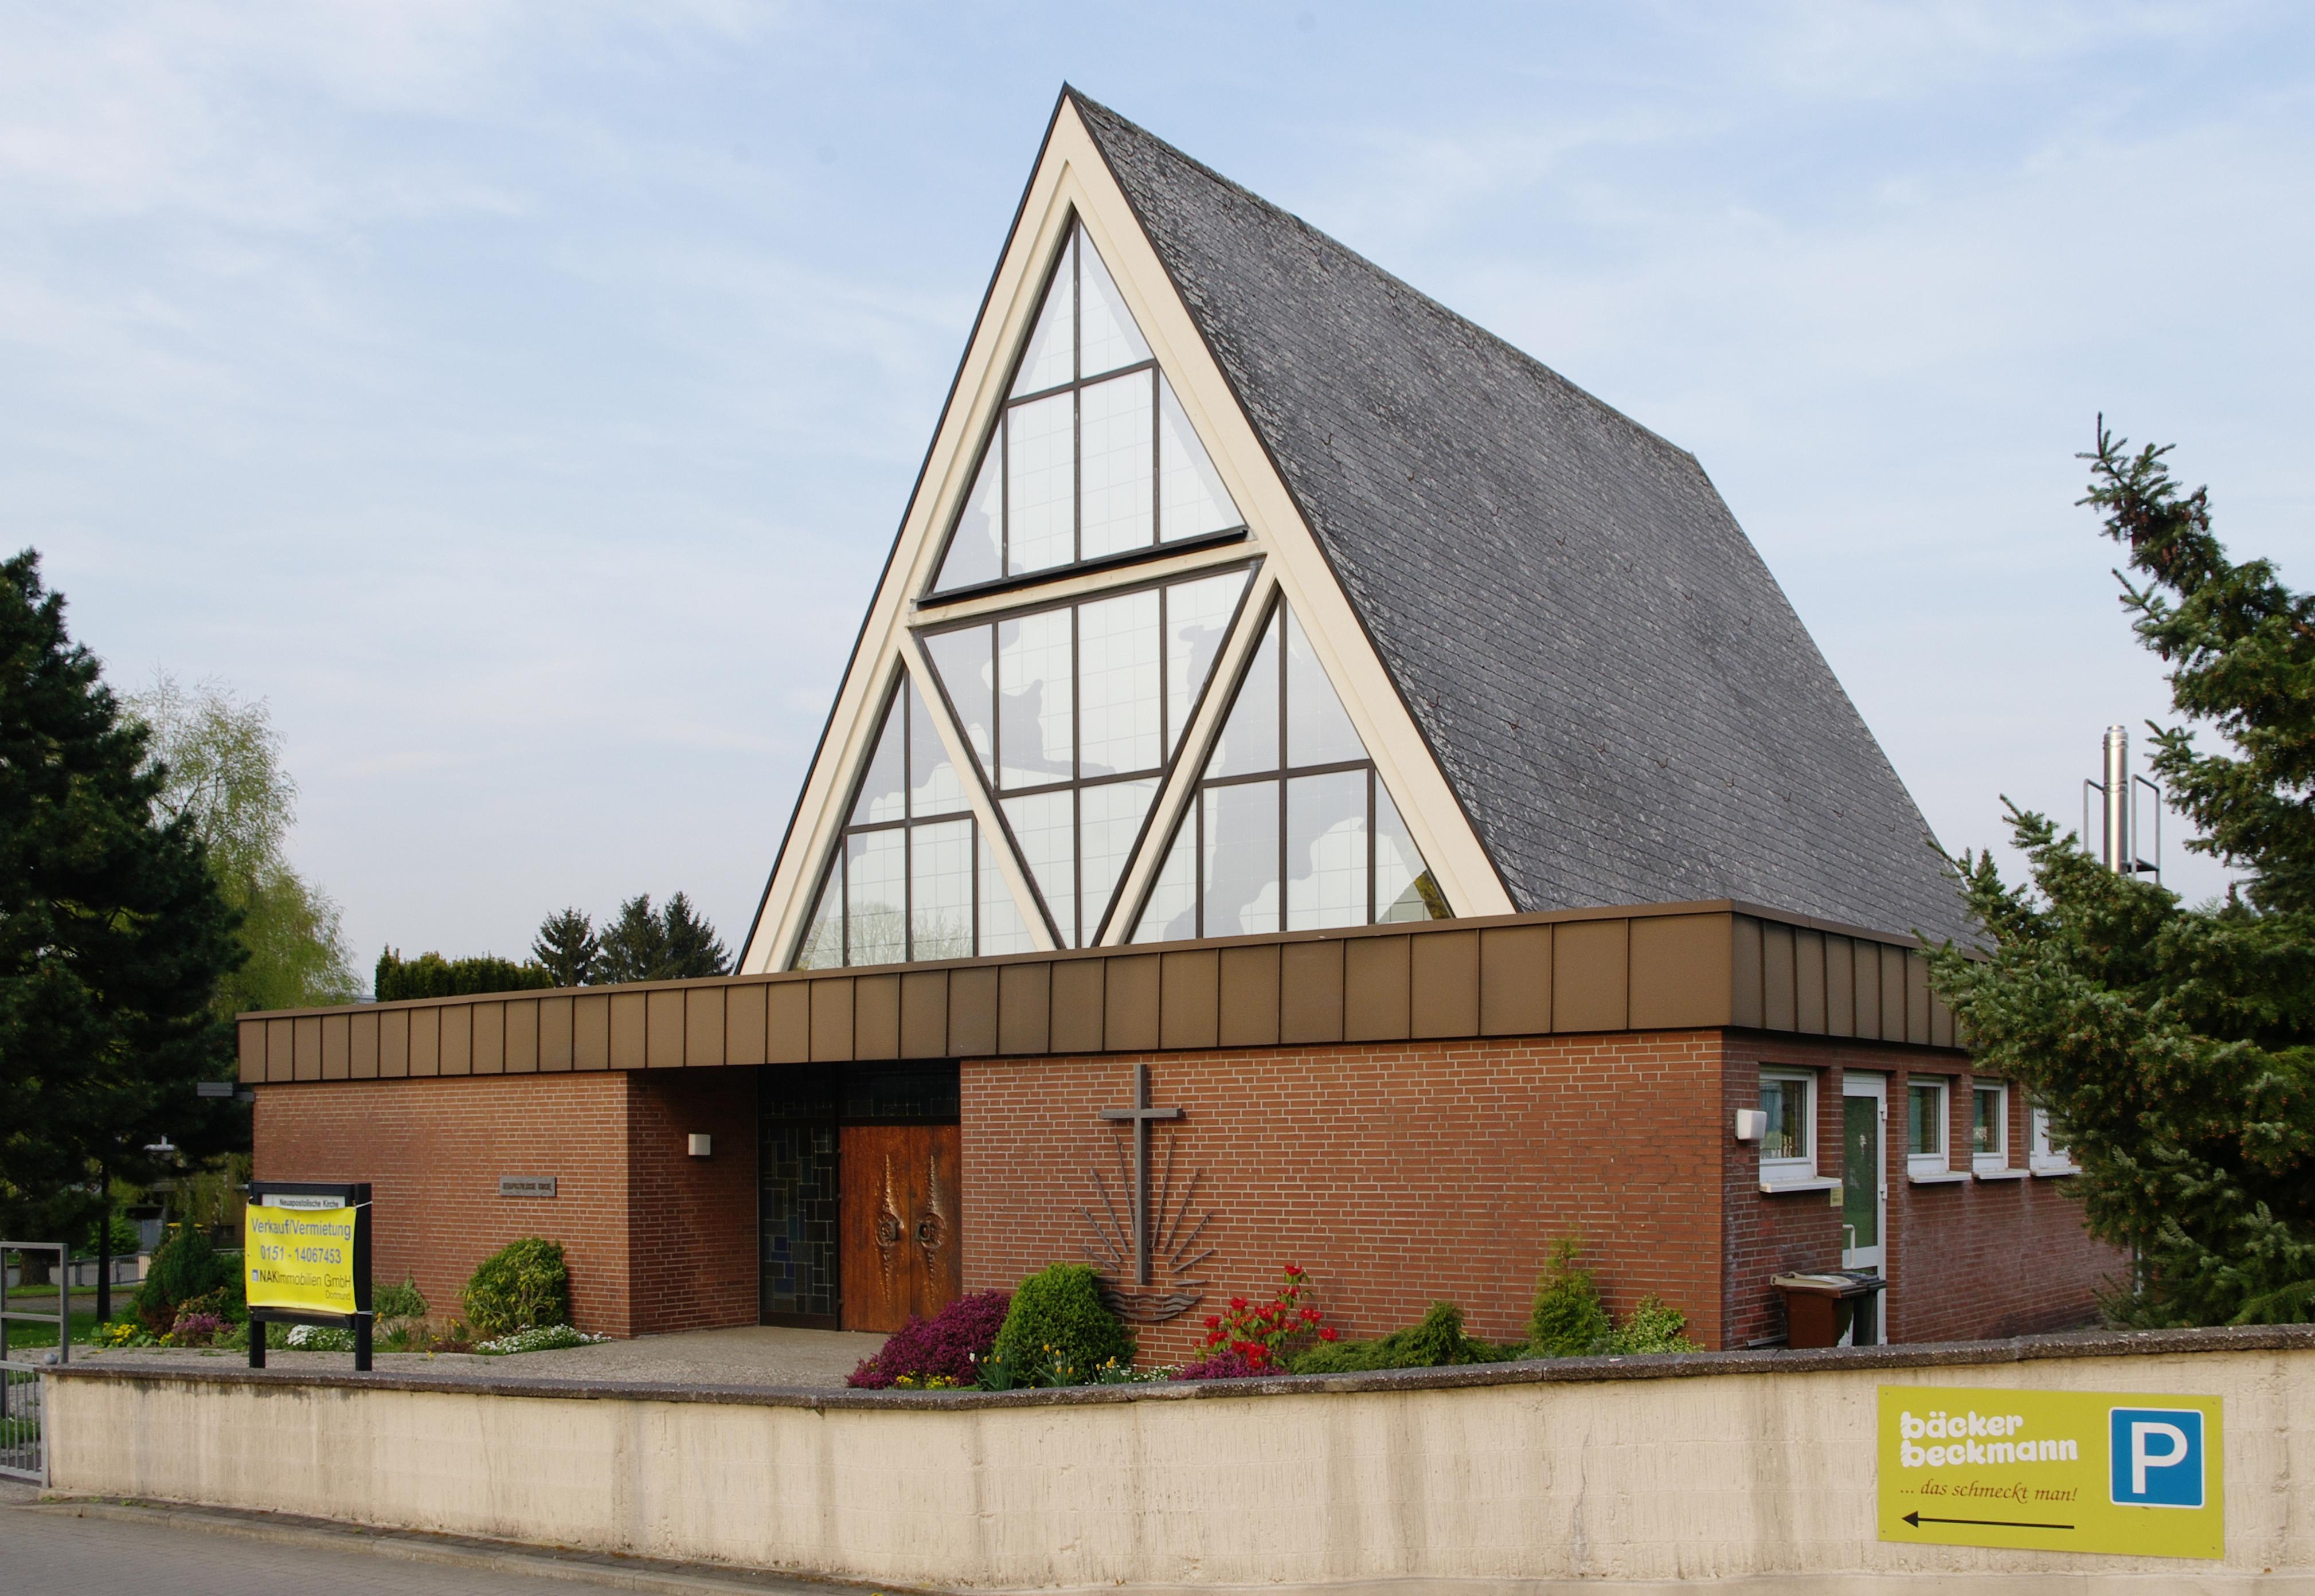 Haus Dieckmann Dortmund – Wohn design